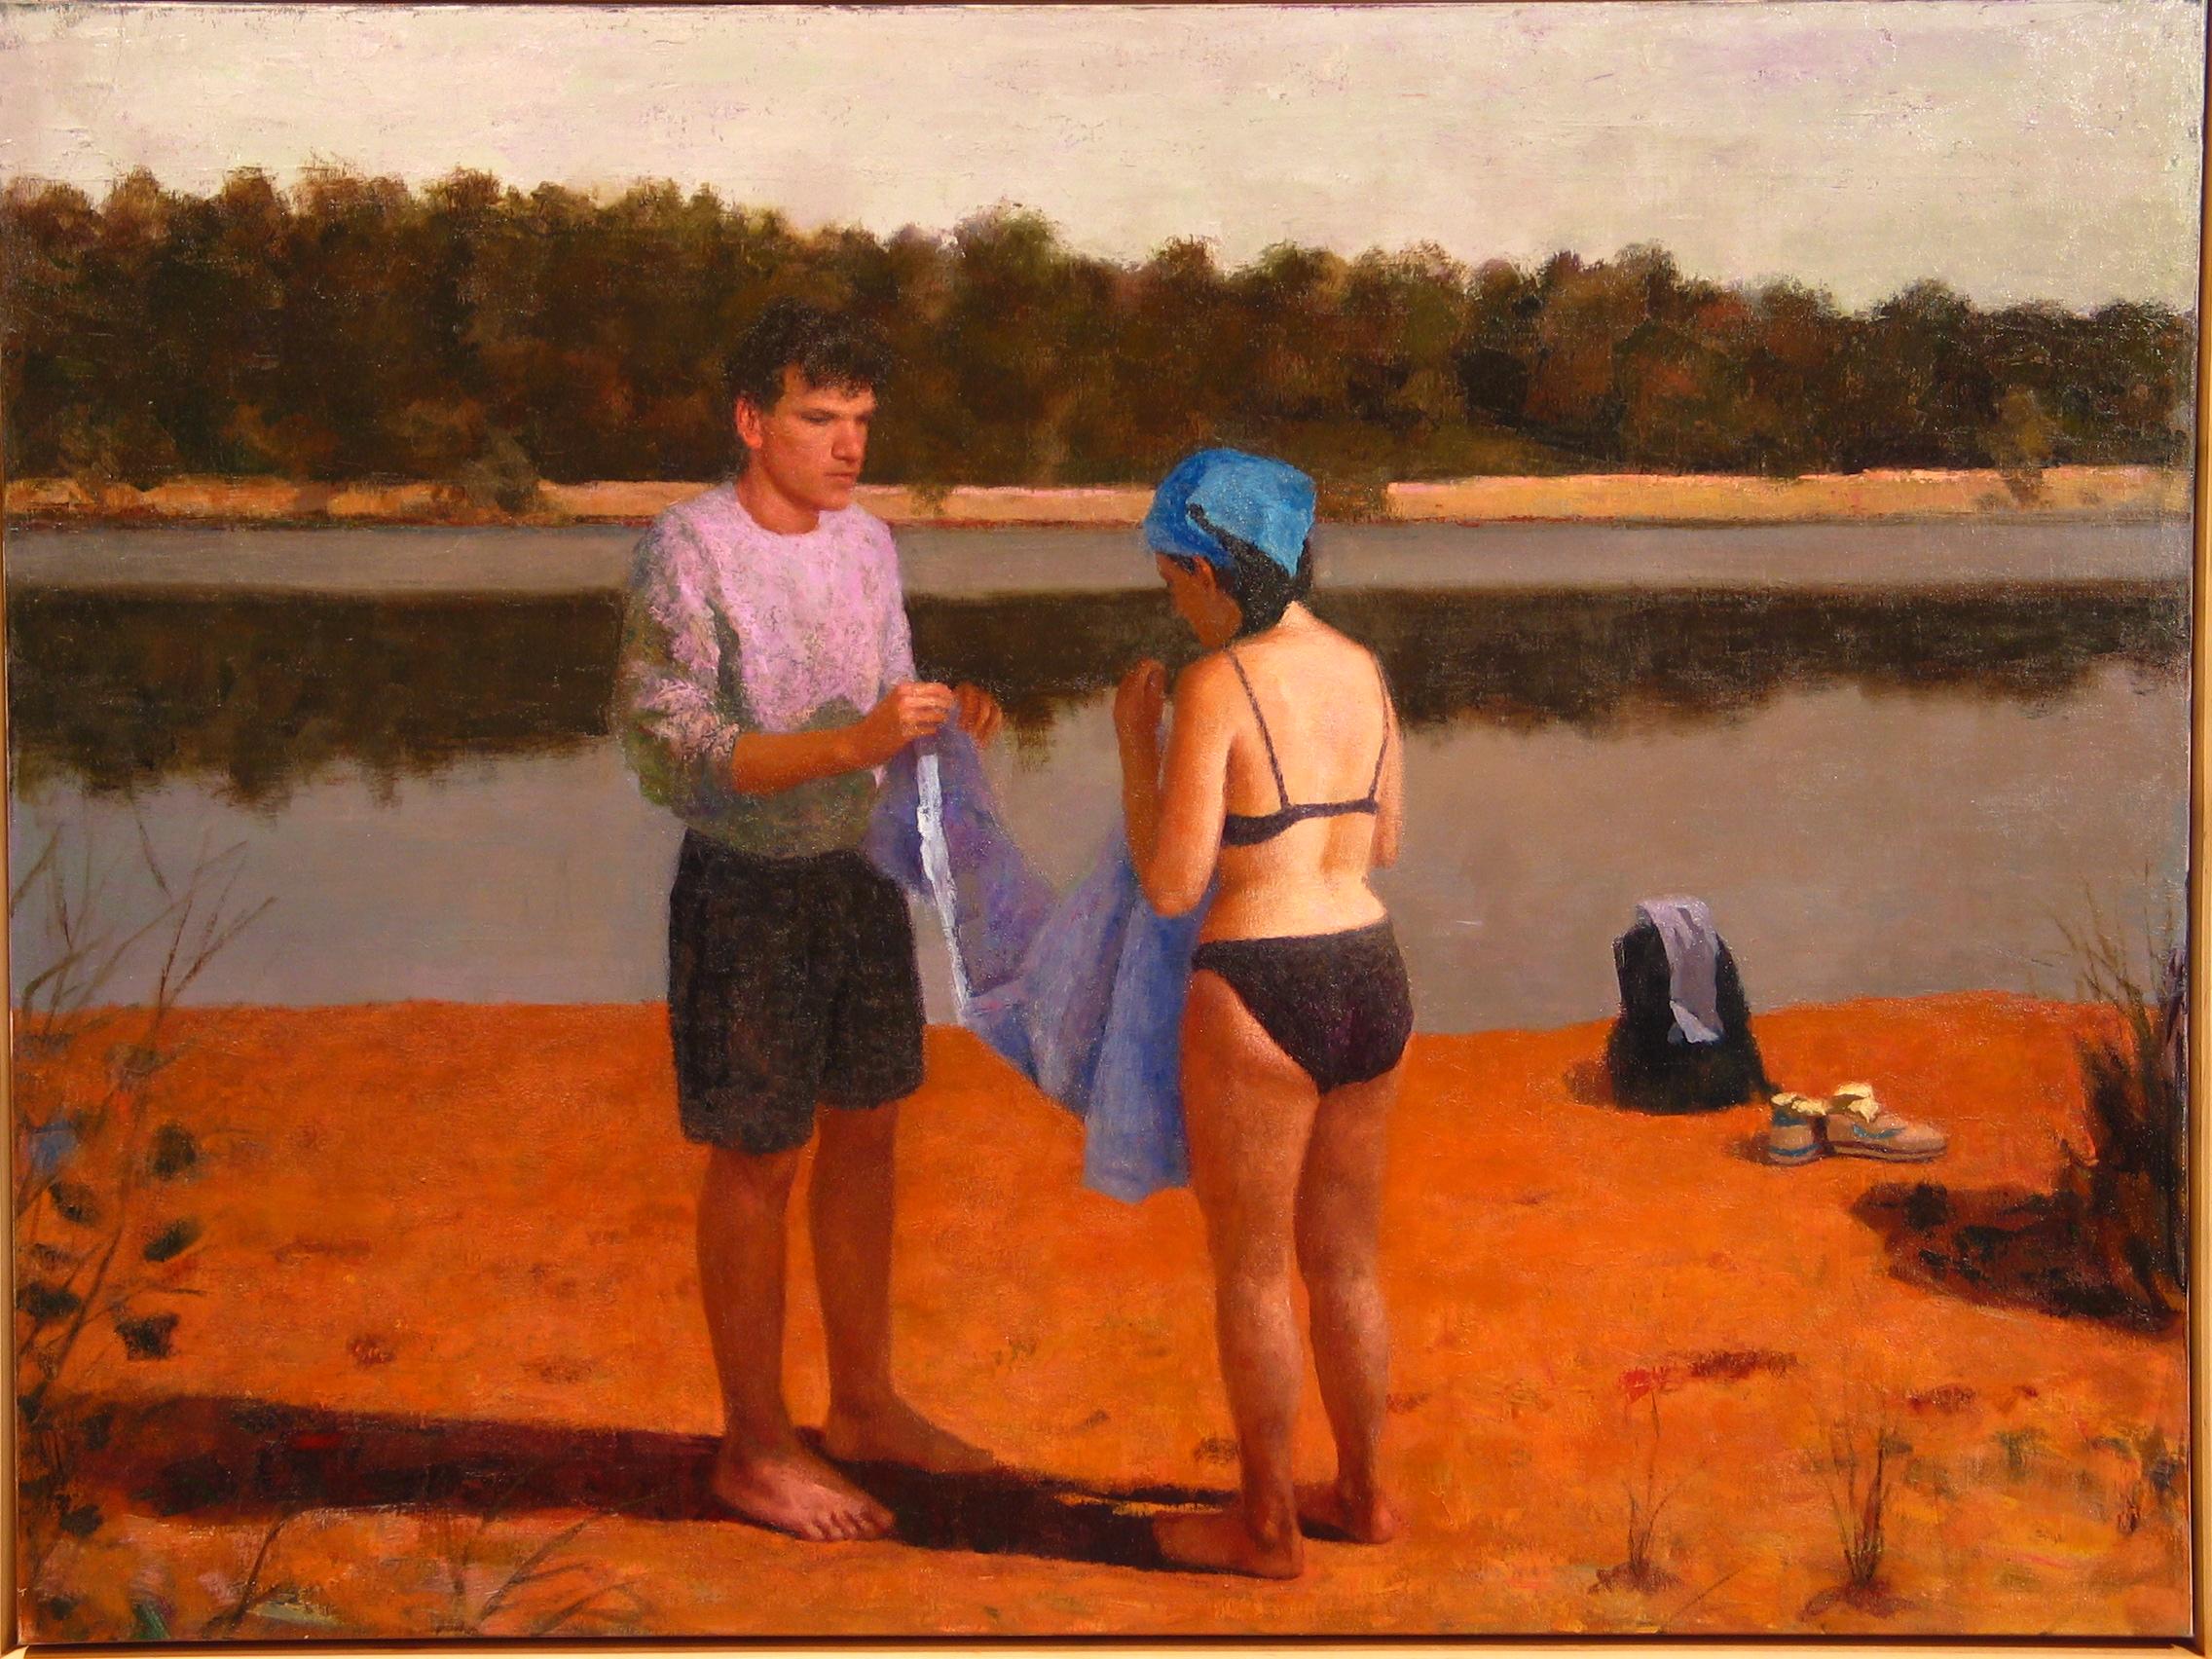 Beach, 2002